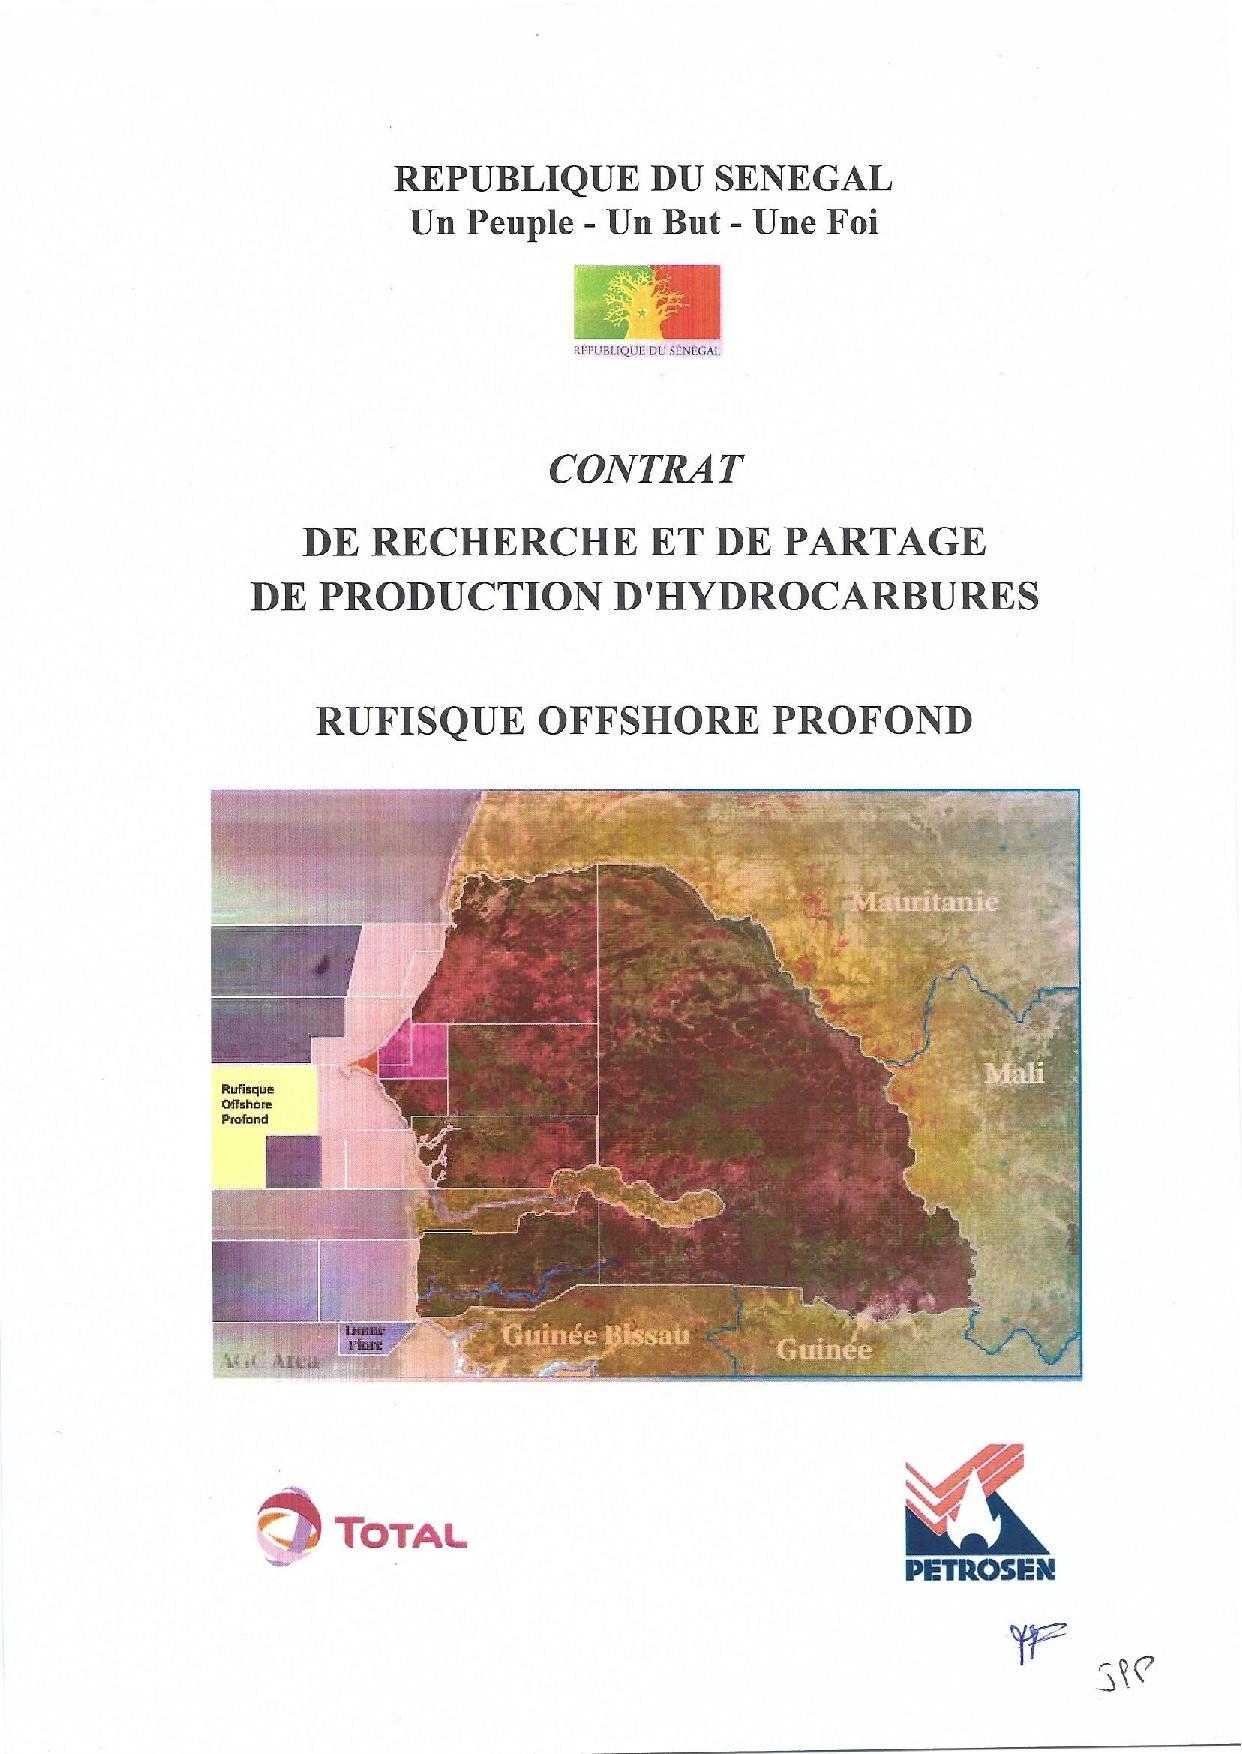 """Contrat de recherche et de partage de production d'hydrocarbure """" Rufisque Offshore"""" entre l'Etat du Sénégal et Total (Intégralité)"""